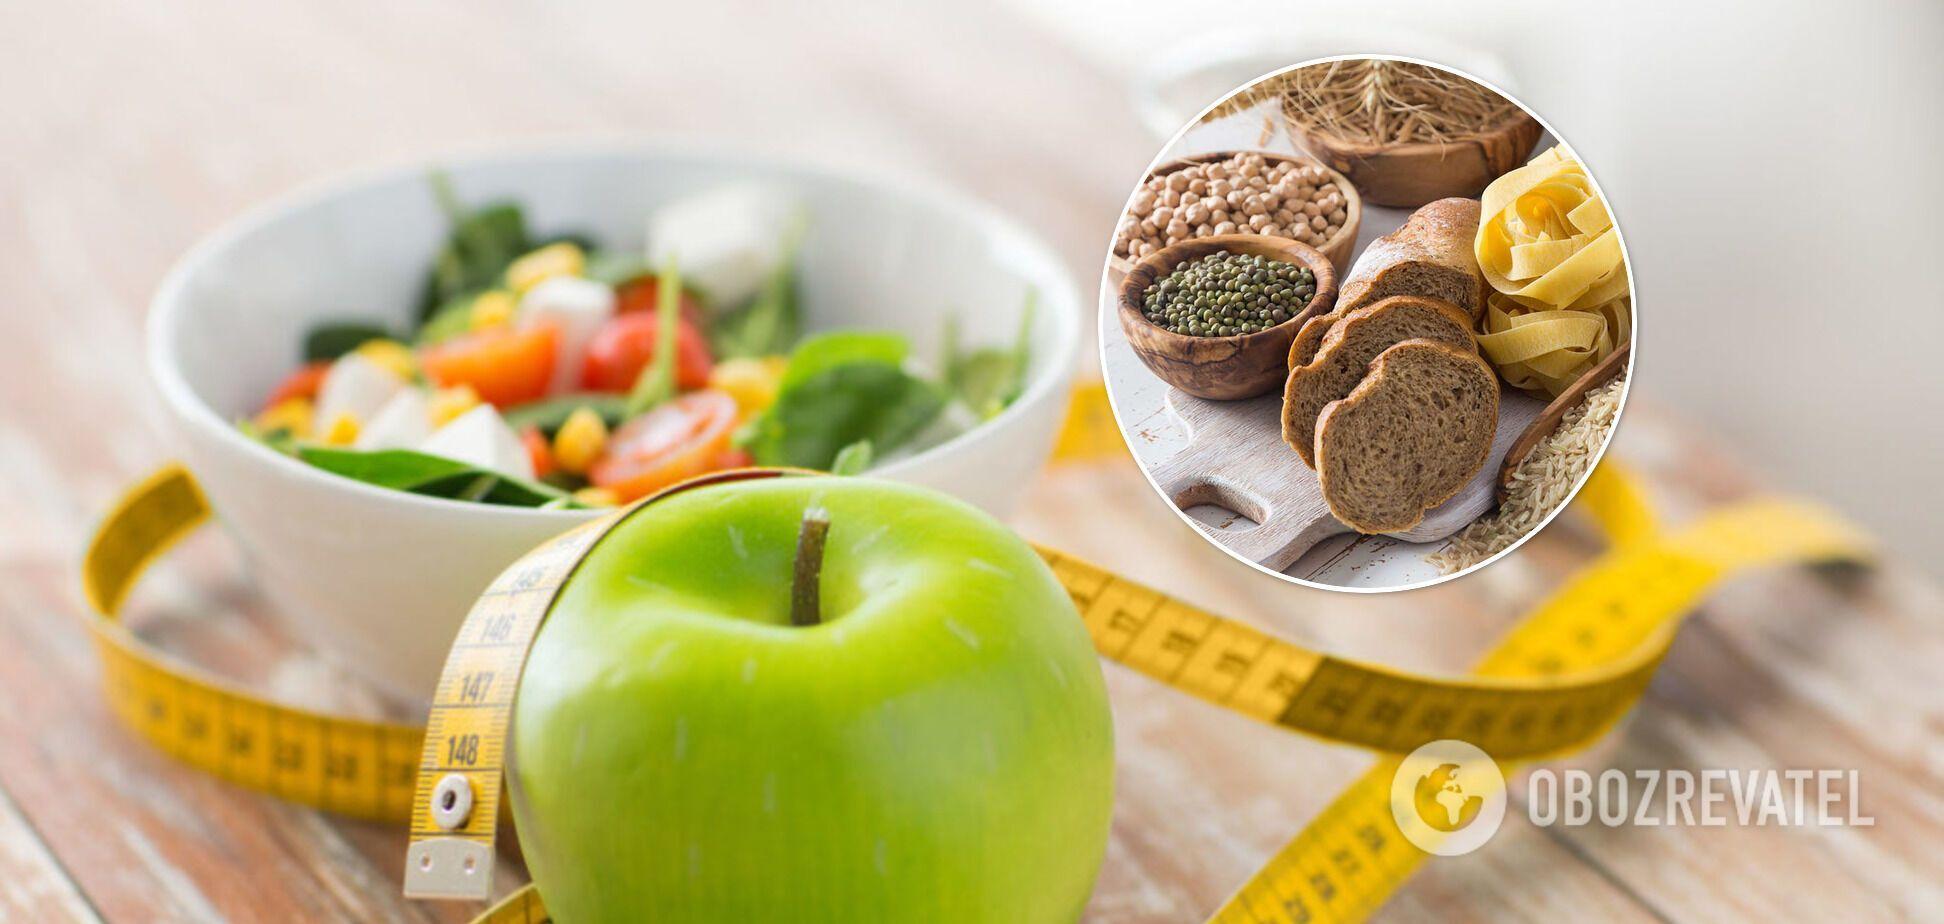 Ученые выяснили, какая диета способствует продлению жизни